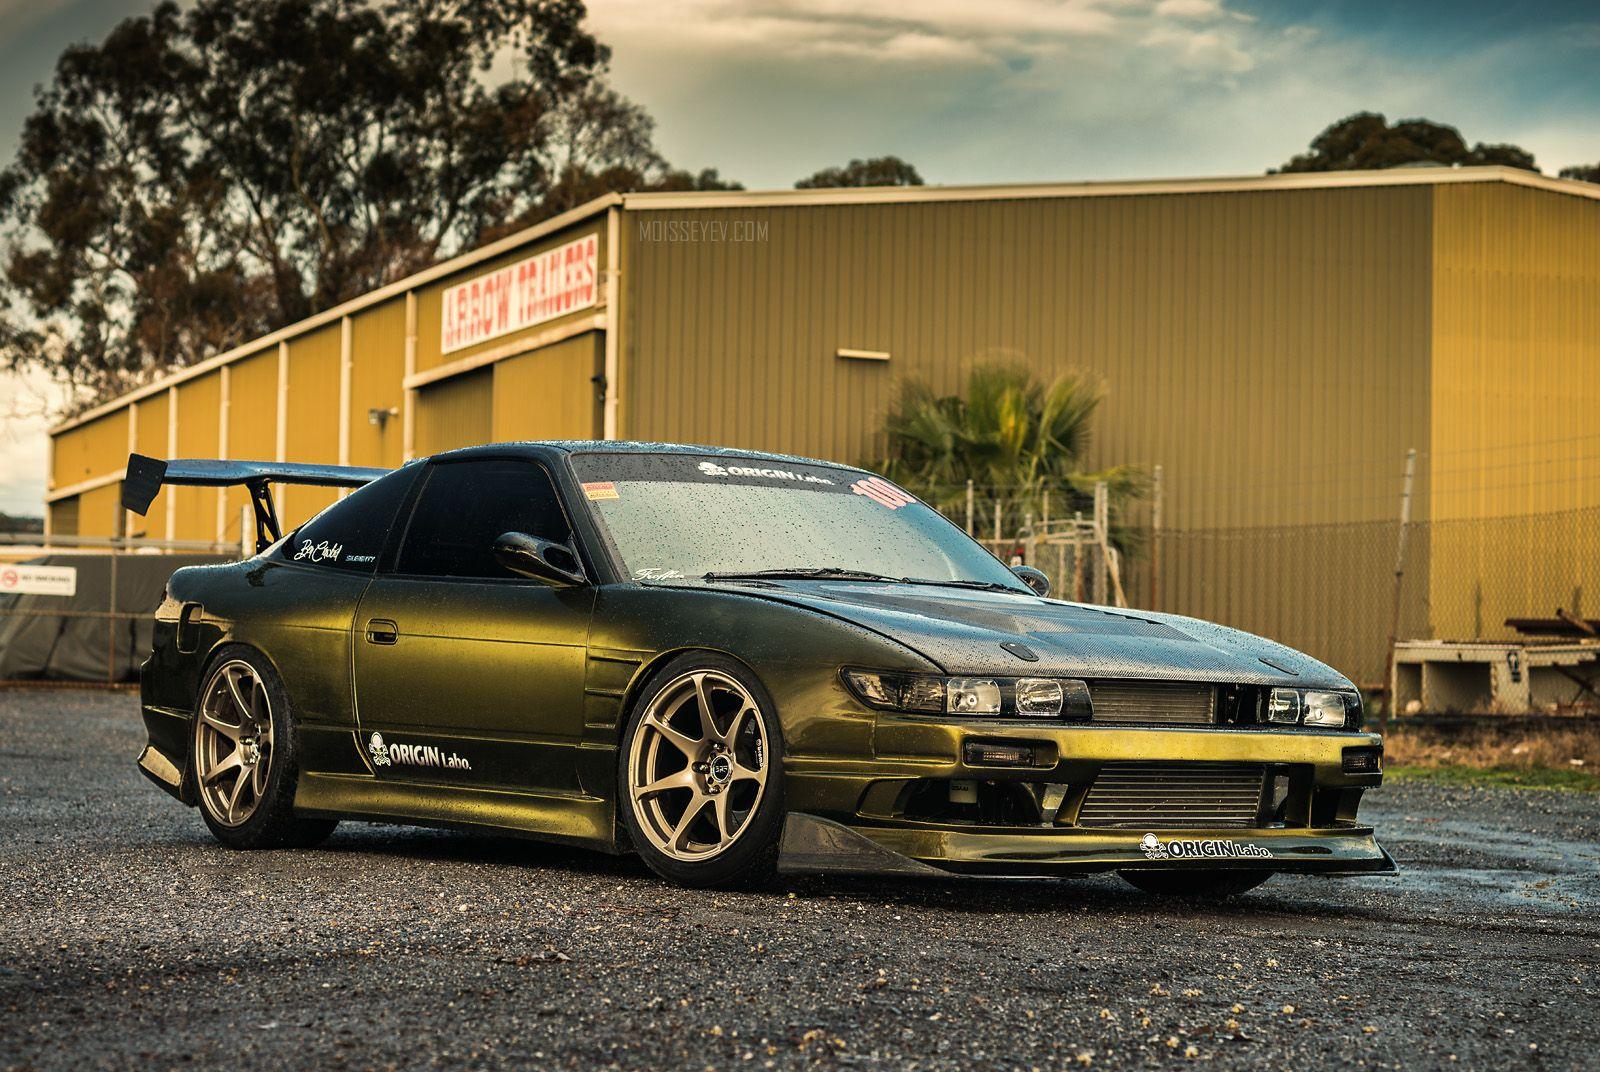 1994 Nissan S13 180SX twin turbo S13 RB26DETT   cars   Pinterest ...